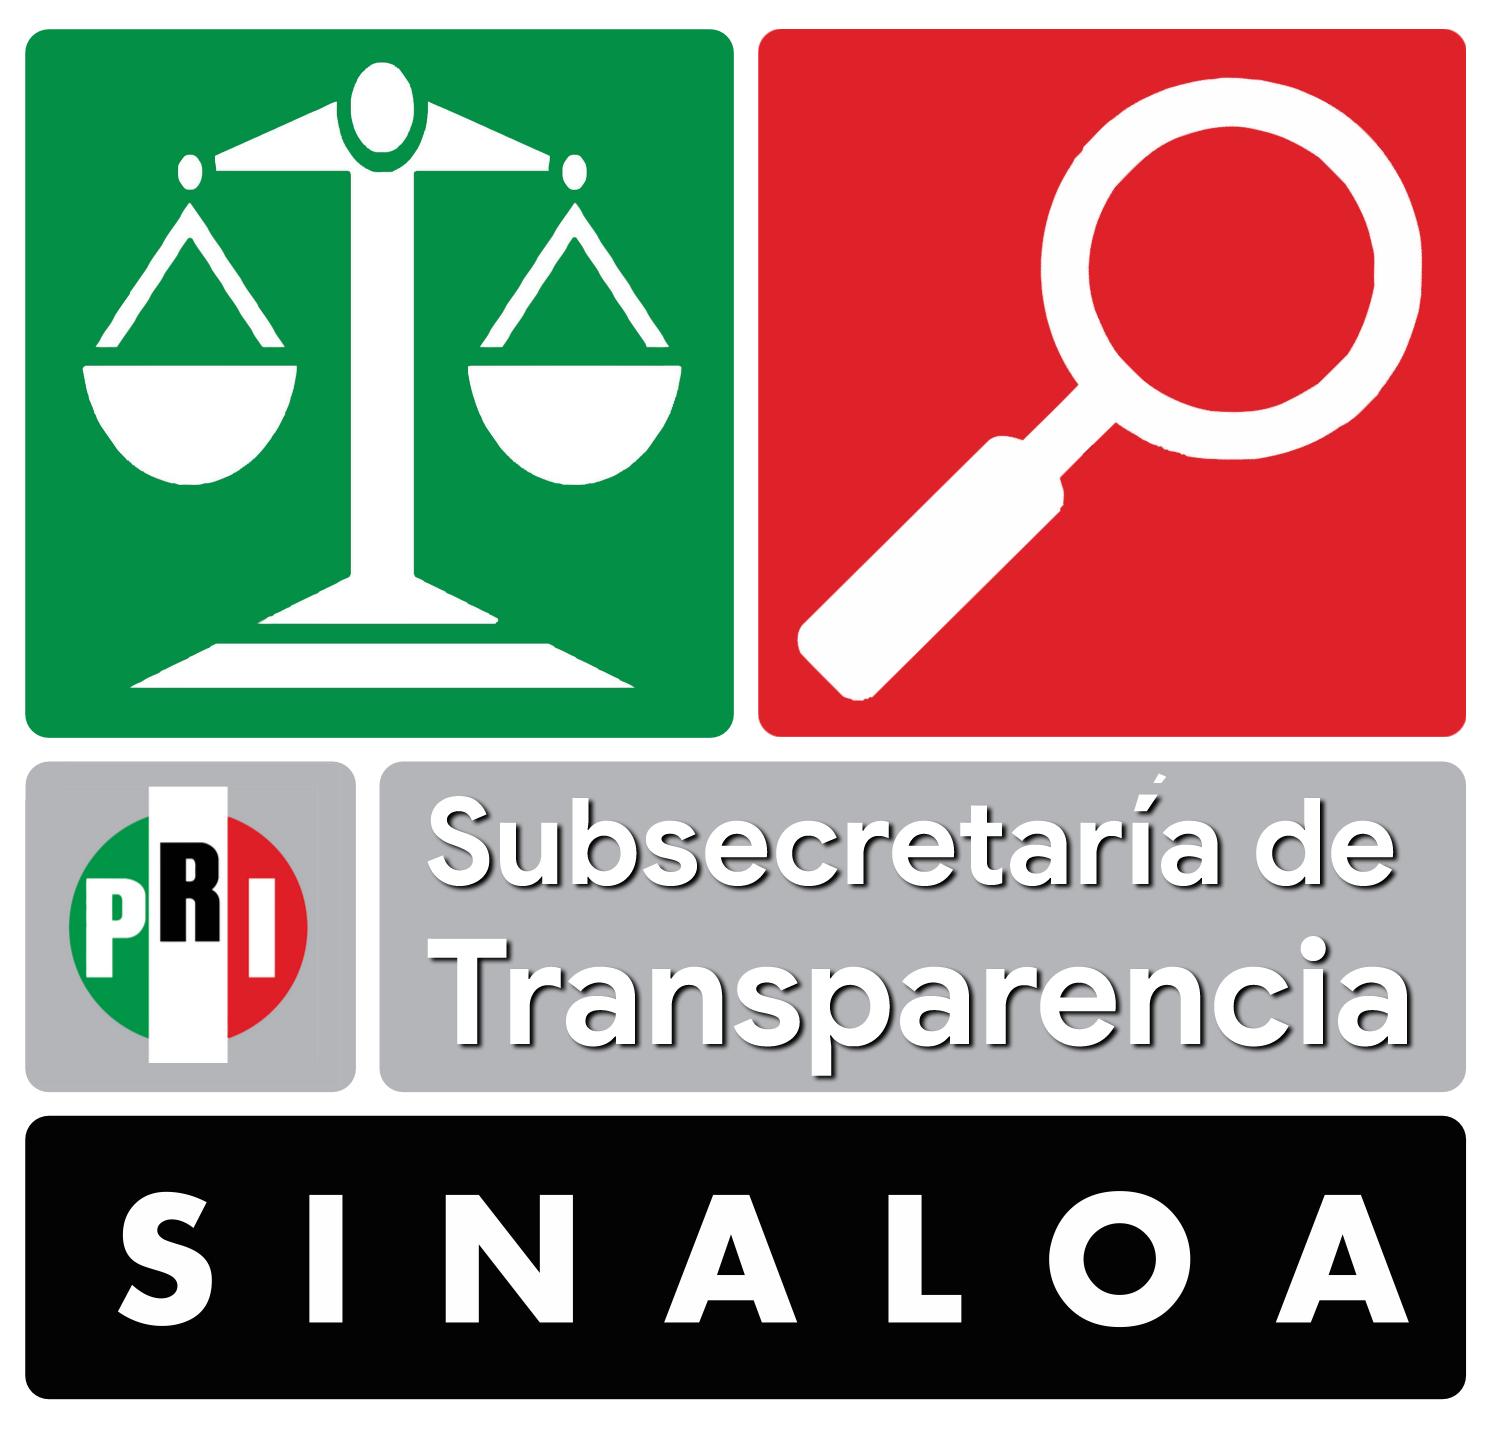 Emblema de la Subsecretaría de Transparencia